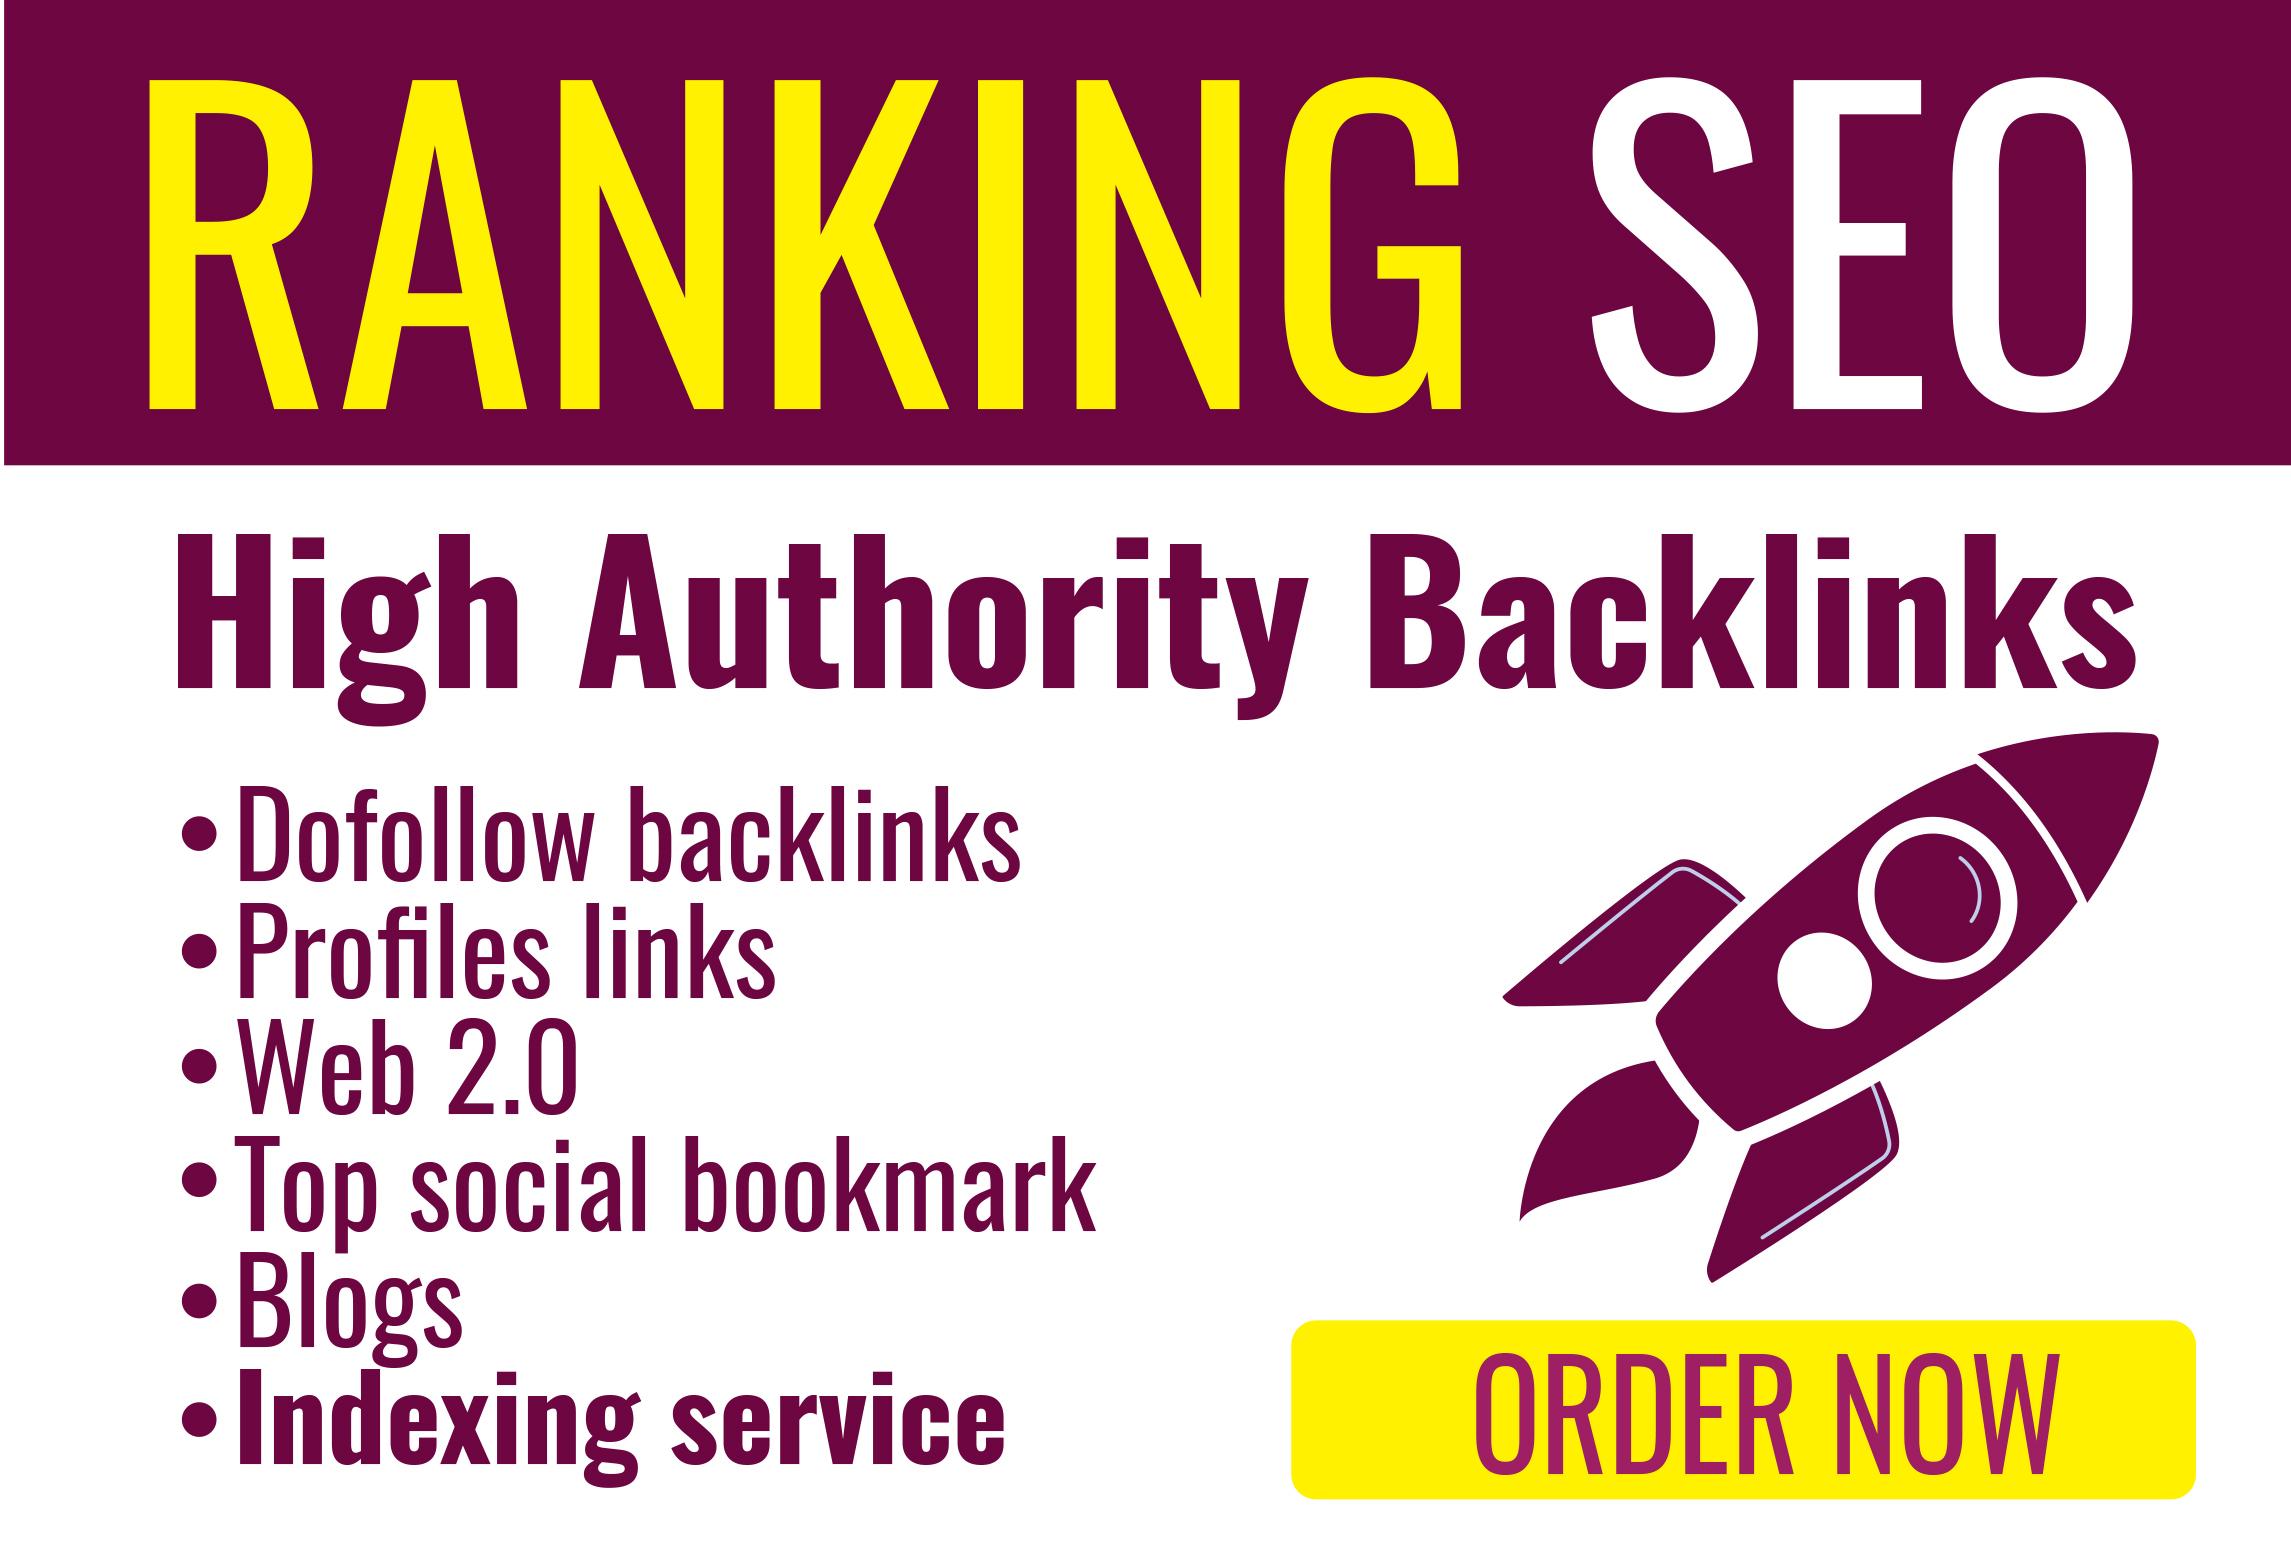 Rank your website 30 days SEO Backlinks linkbuilding Safe for Google